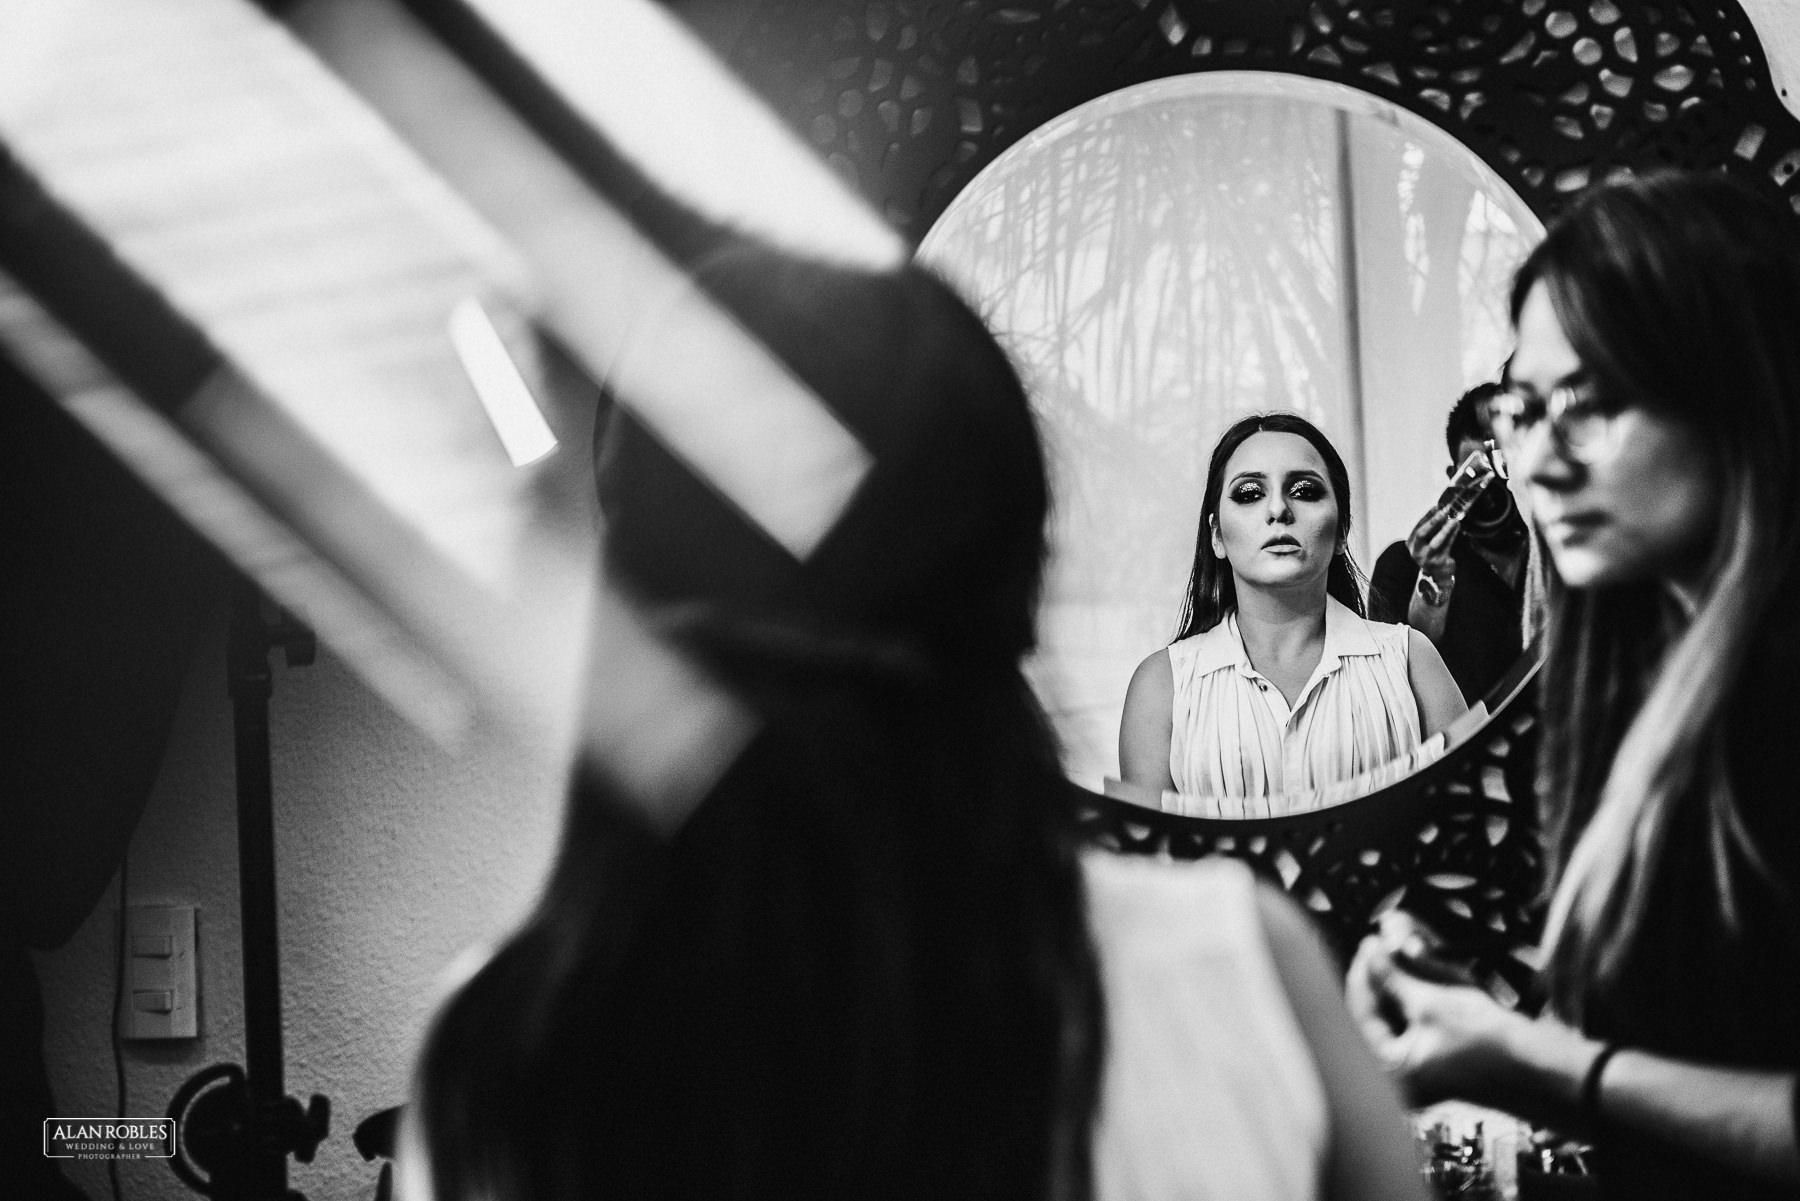 Fotografo de bodas Alan Robles-Casa Clementina Guadalajara DyA-5